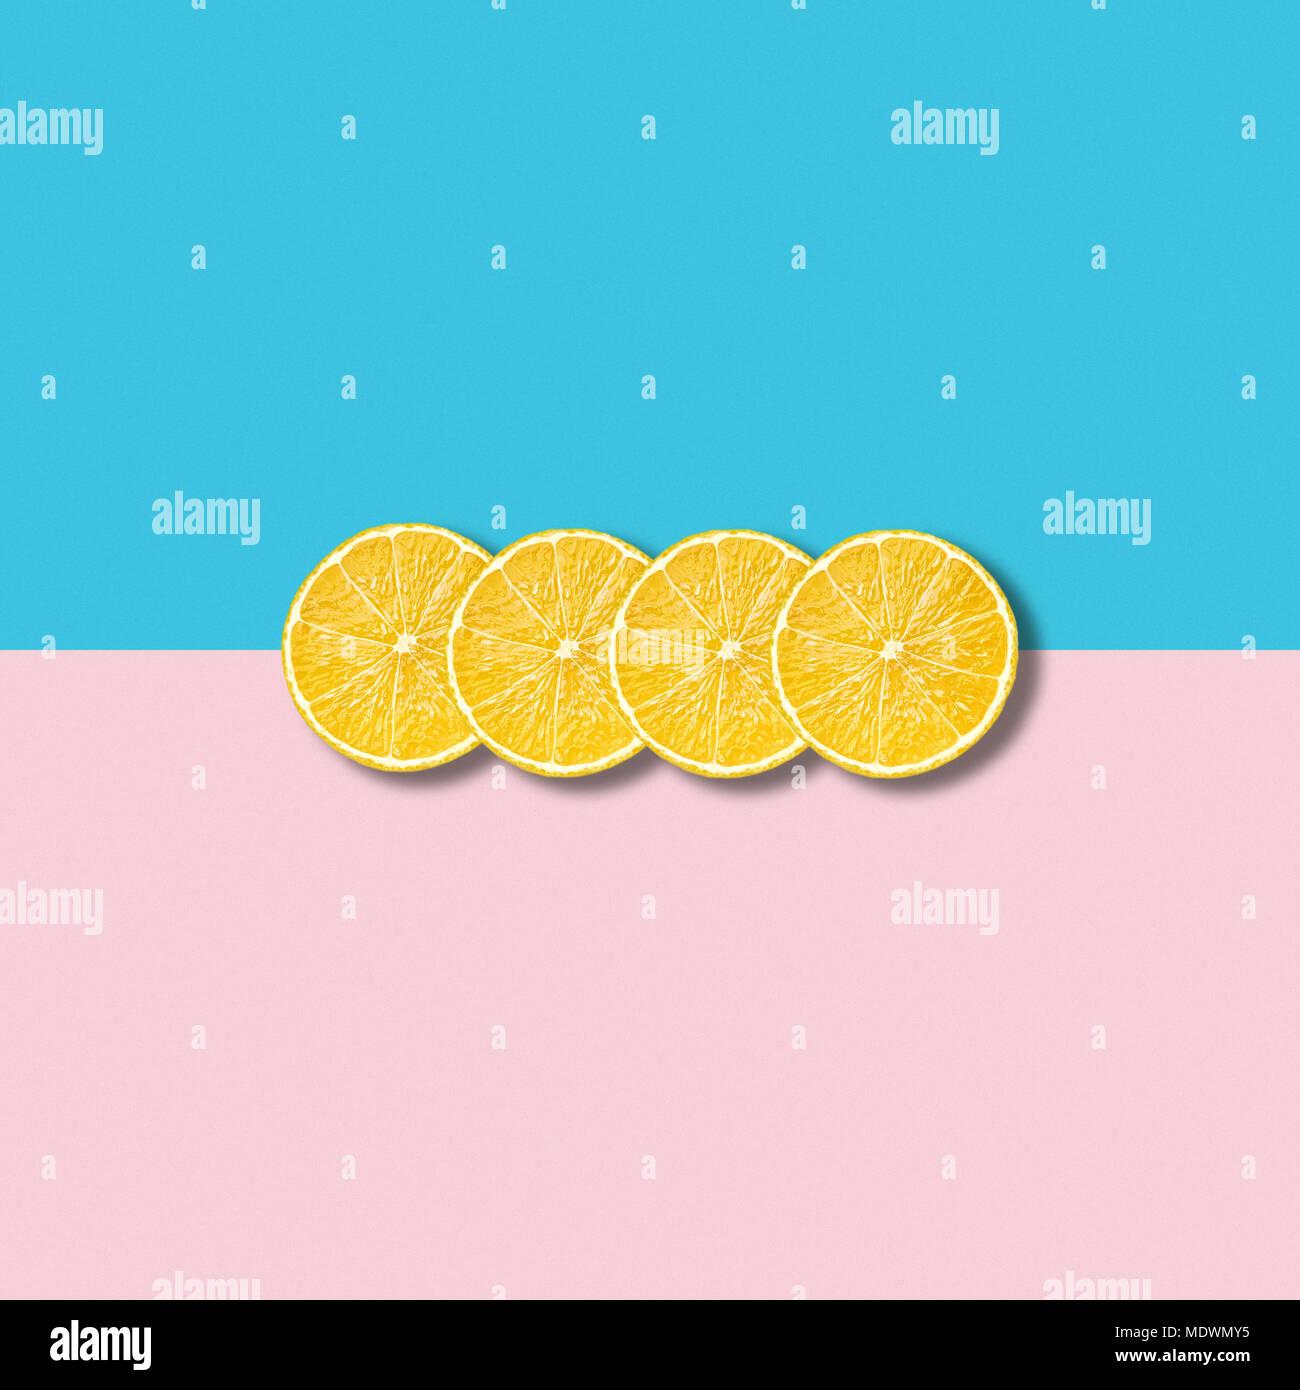 Resumen mínima ilustración con grupo de rodajas de limón sobre fondo turquesa y rosa pastel Imagen De Stock